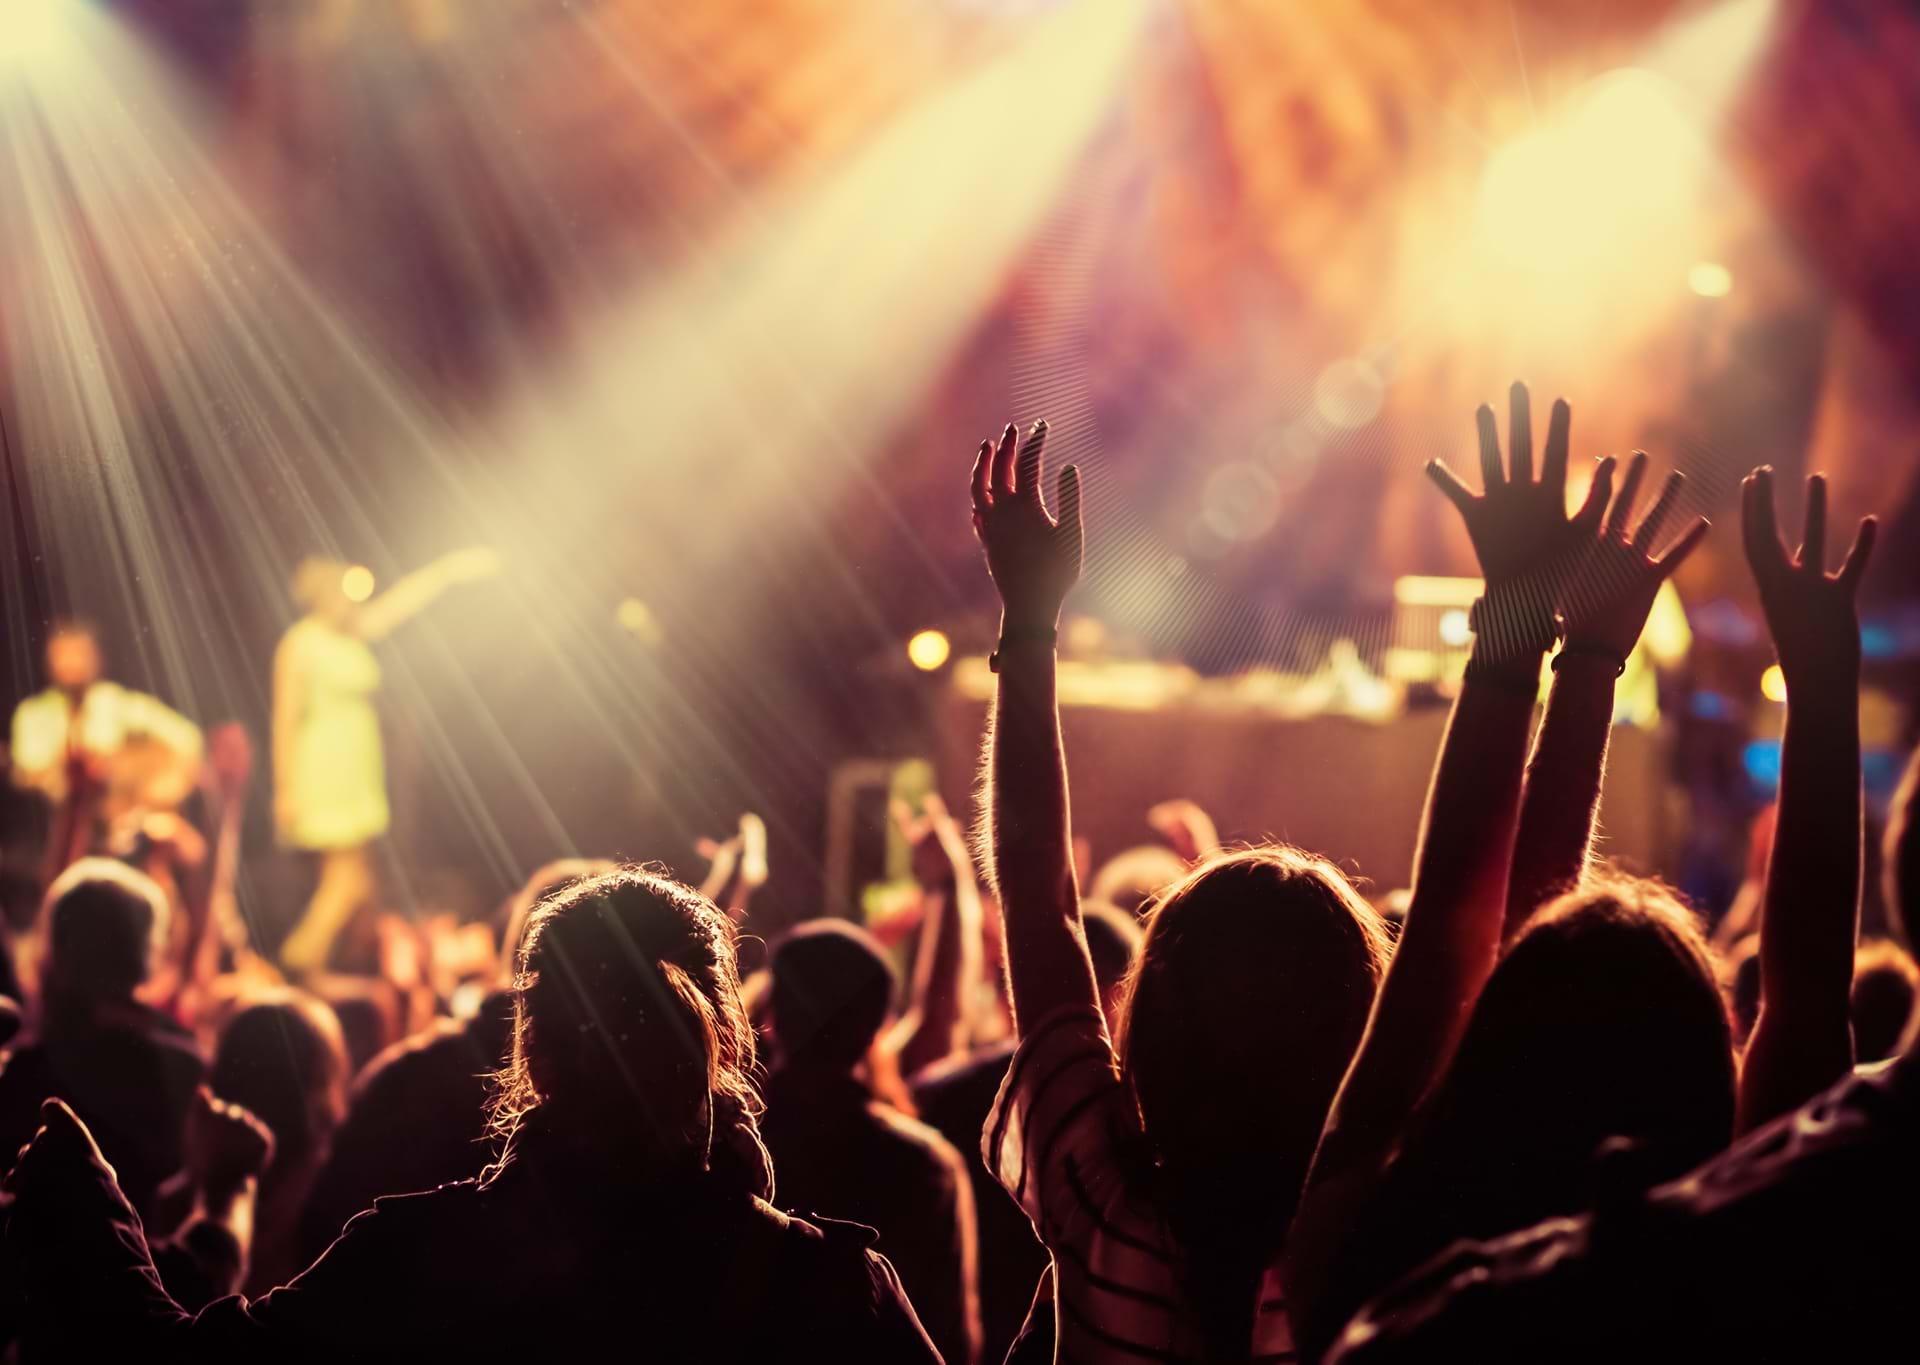 Hænder i vejret til en koncert